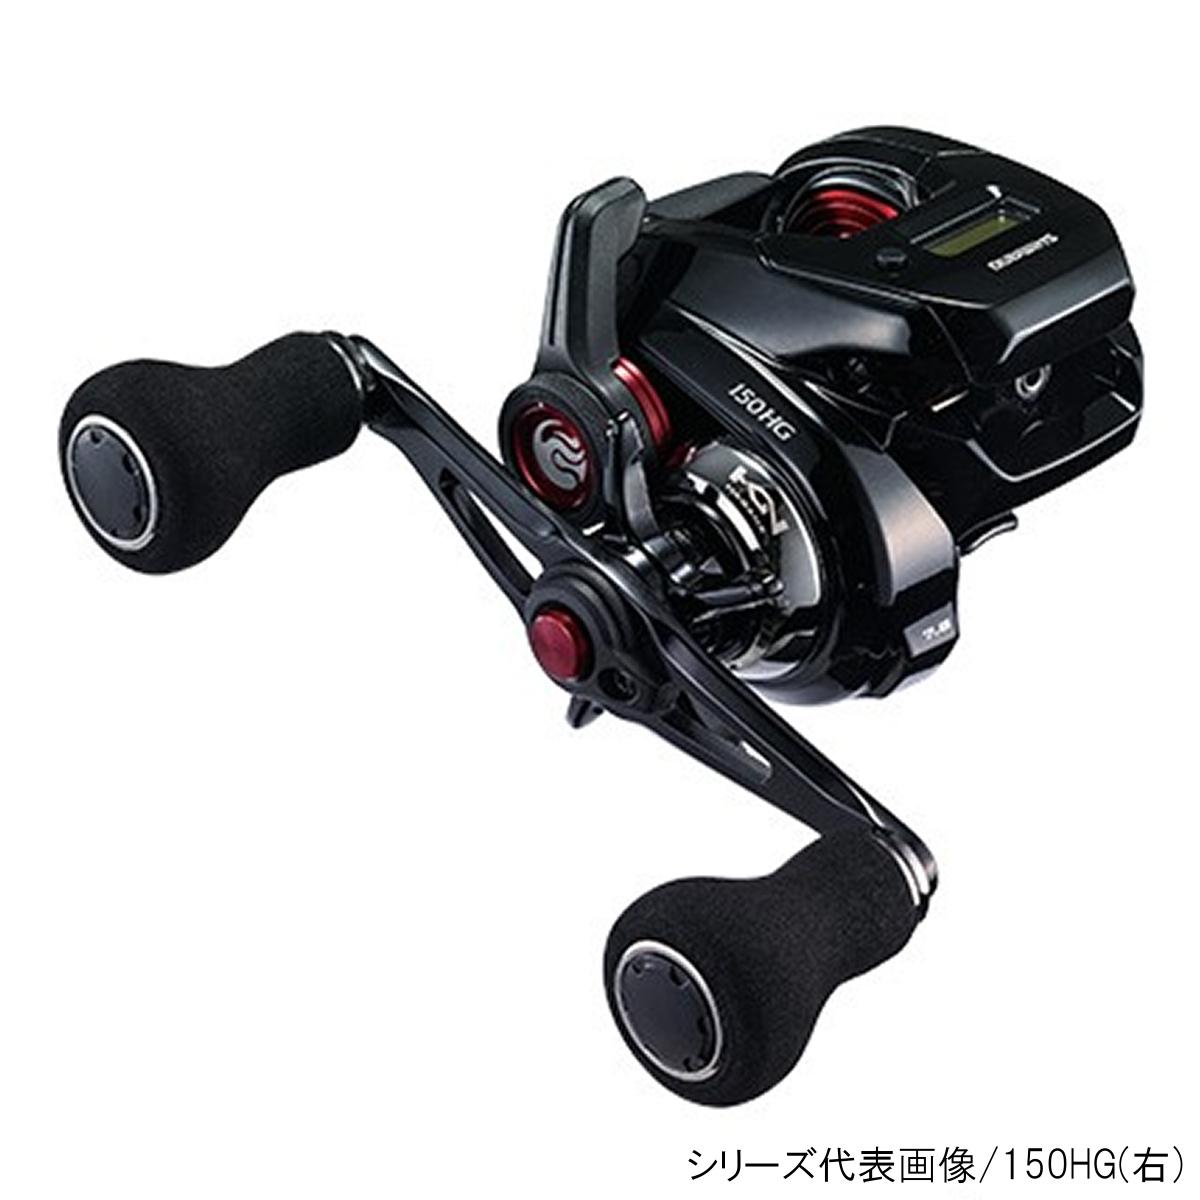 シマノ 炎月 CT 150PG(右)【送料無料】